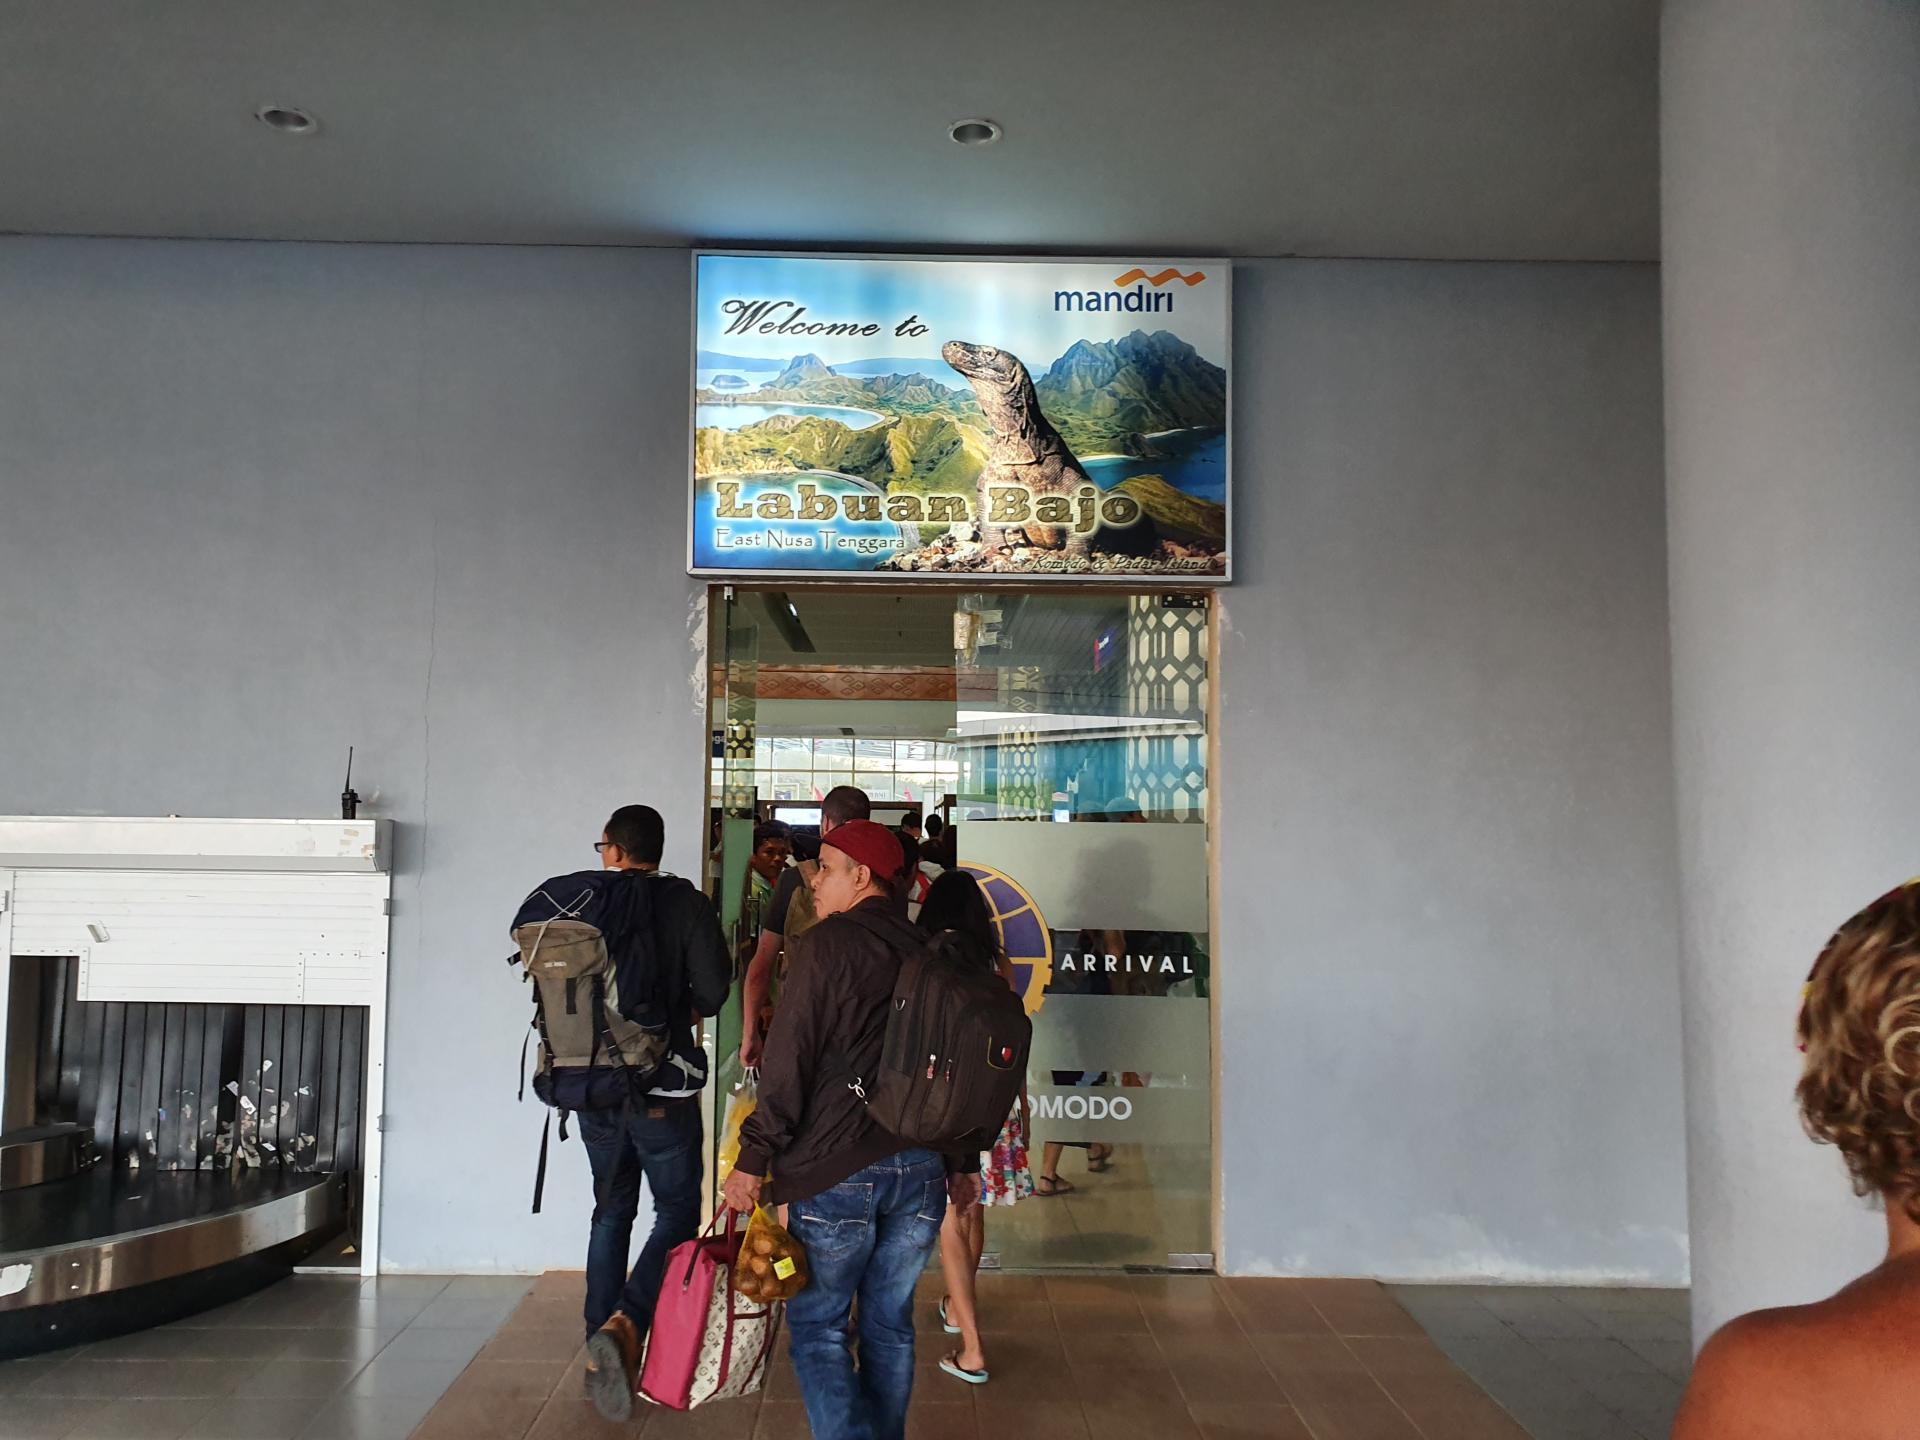 аэропорт Лабуан-Баджо